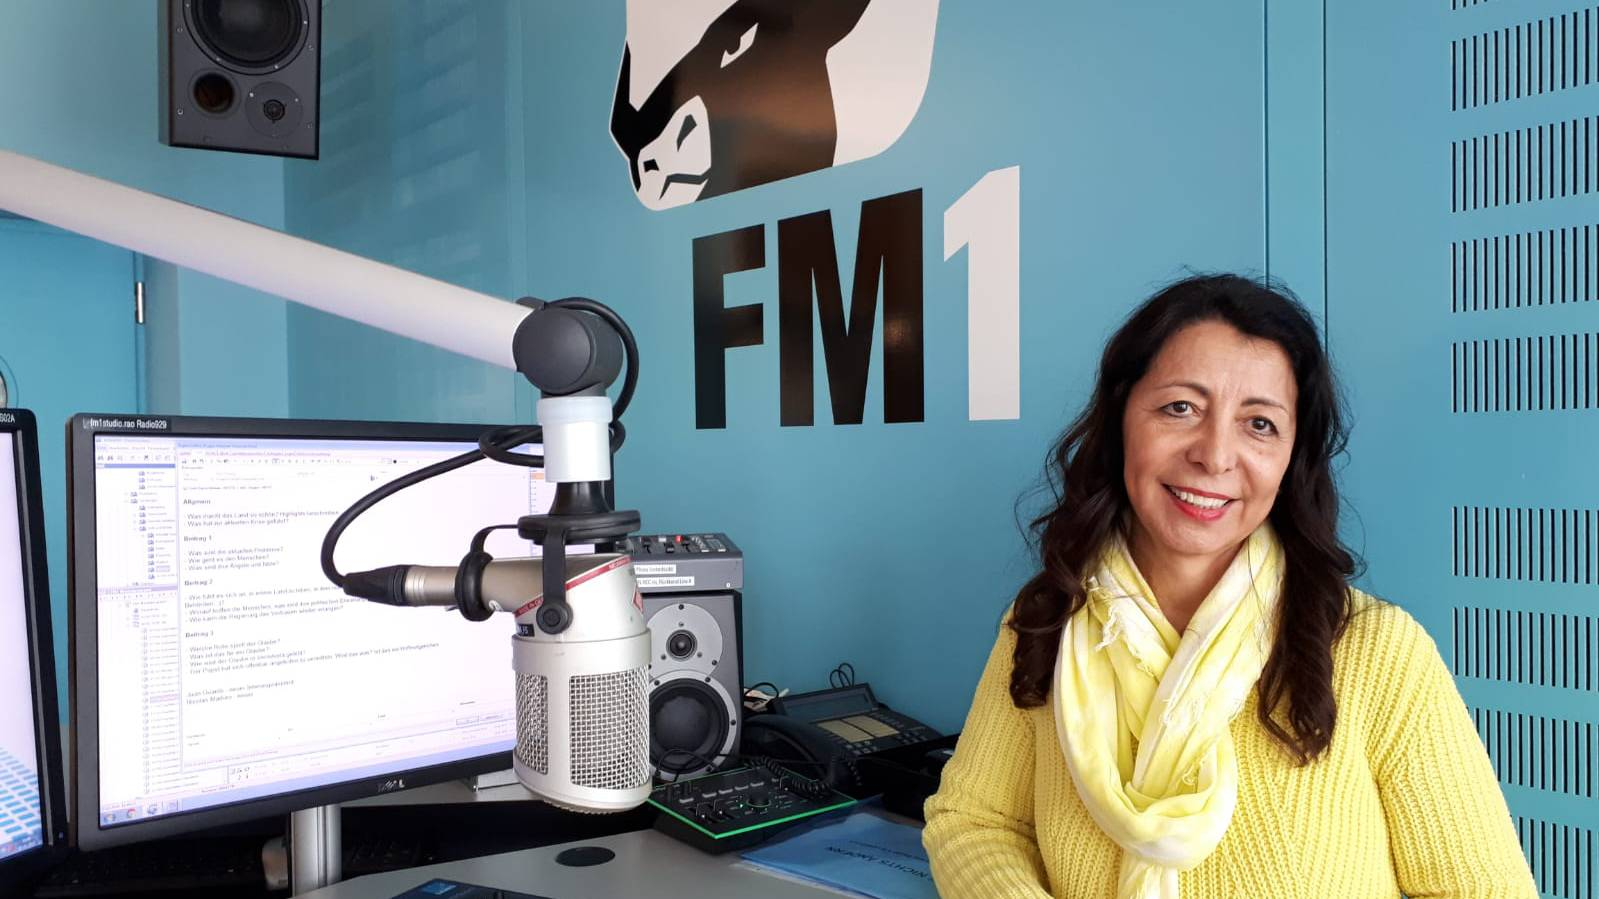 Bis Luz-Dalila Brunner 19 Jahre alt war, lebte sie in Venezuela.